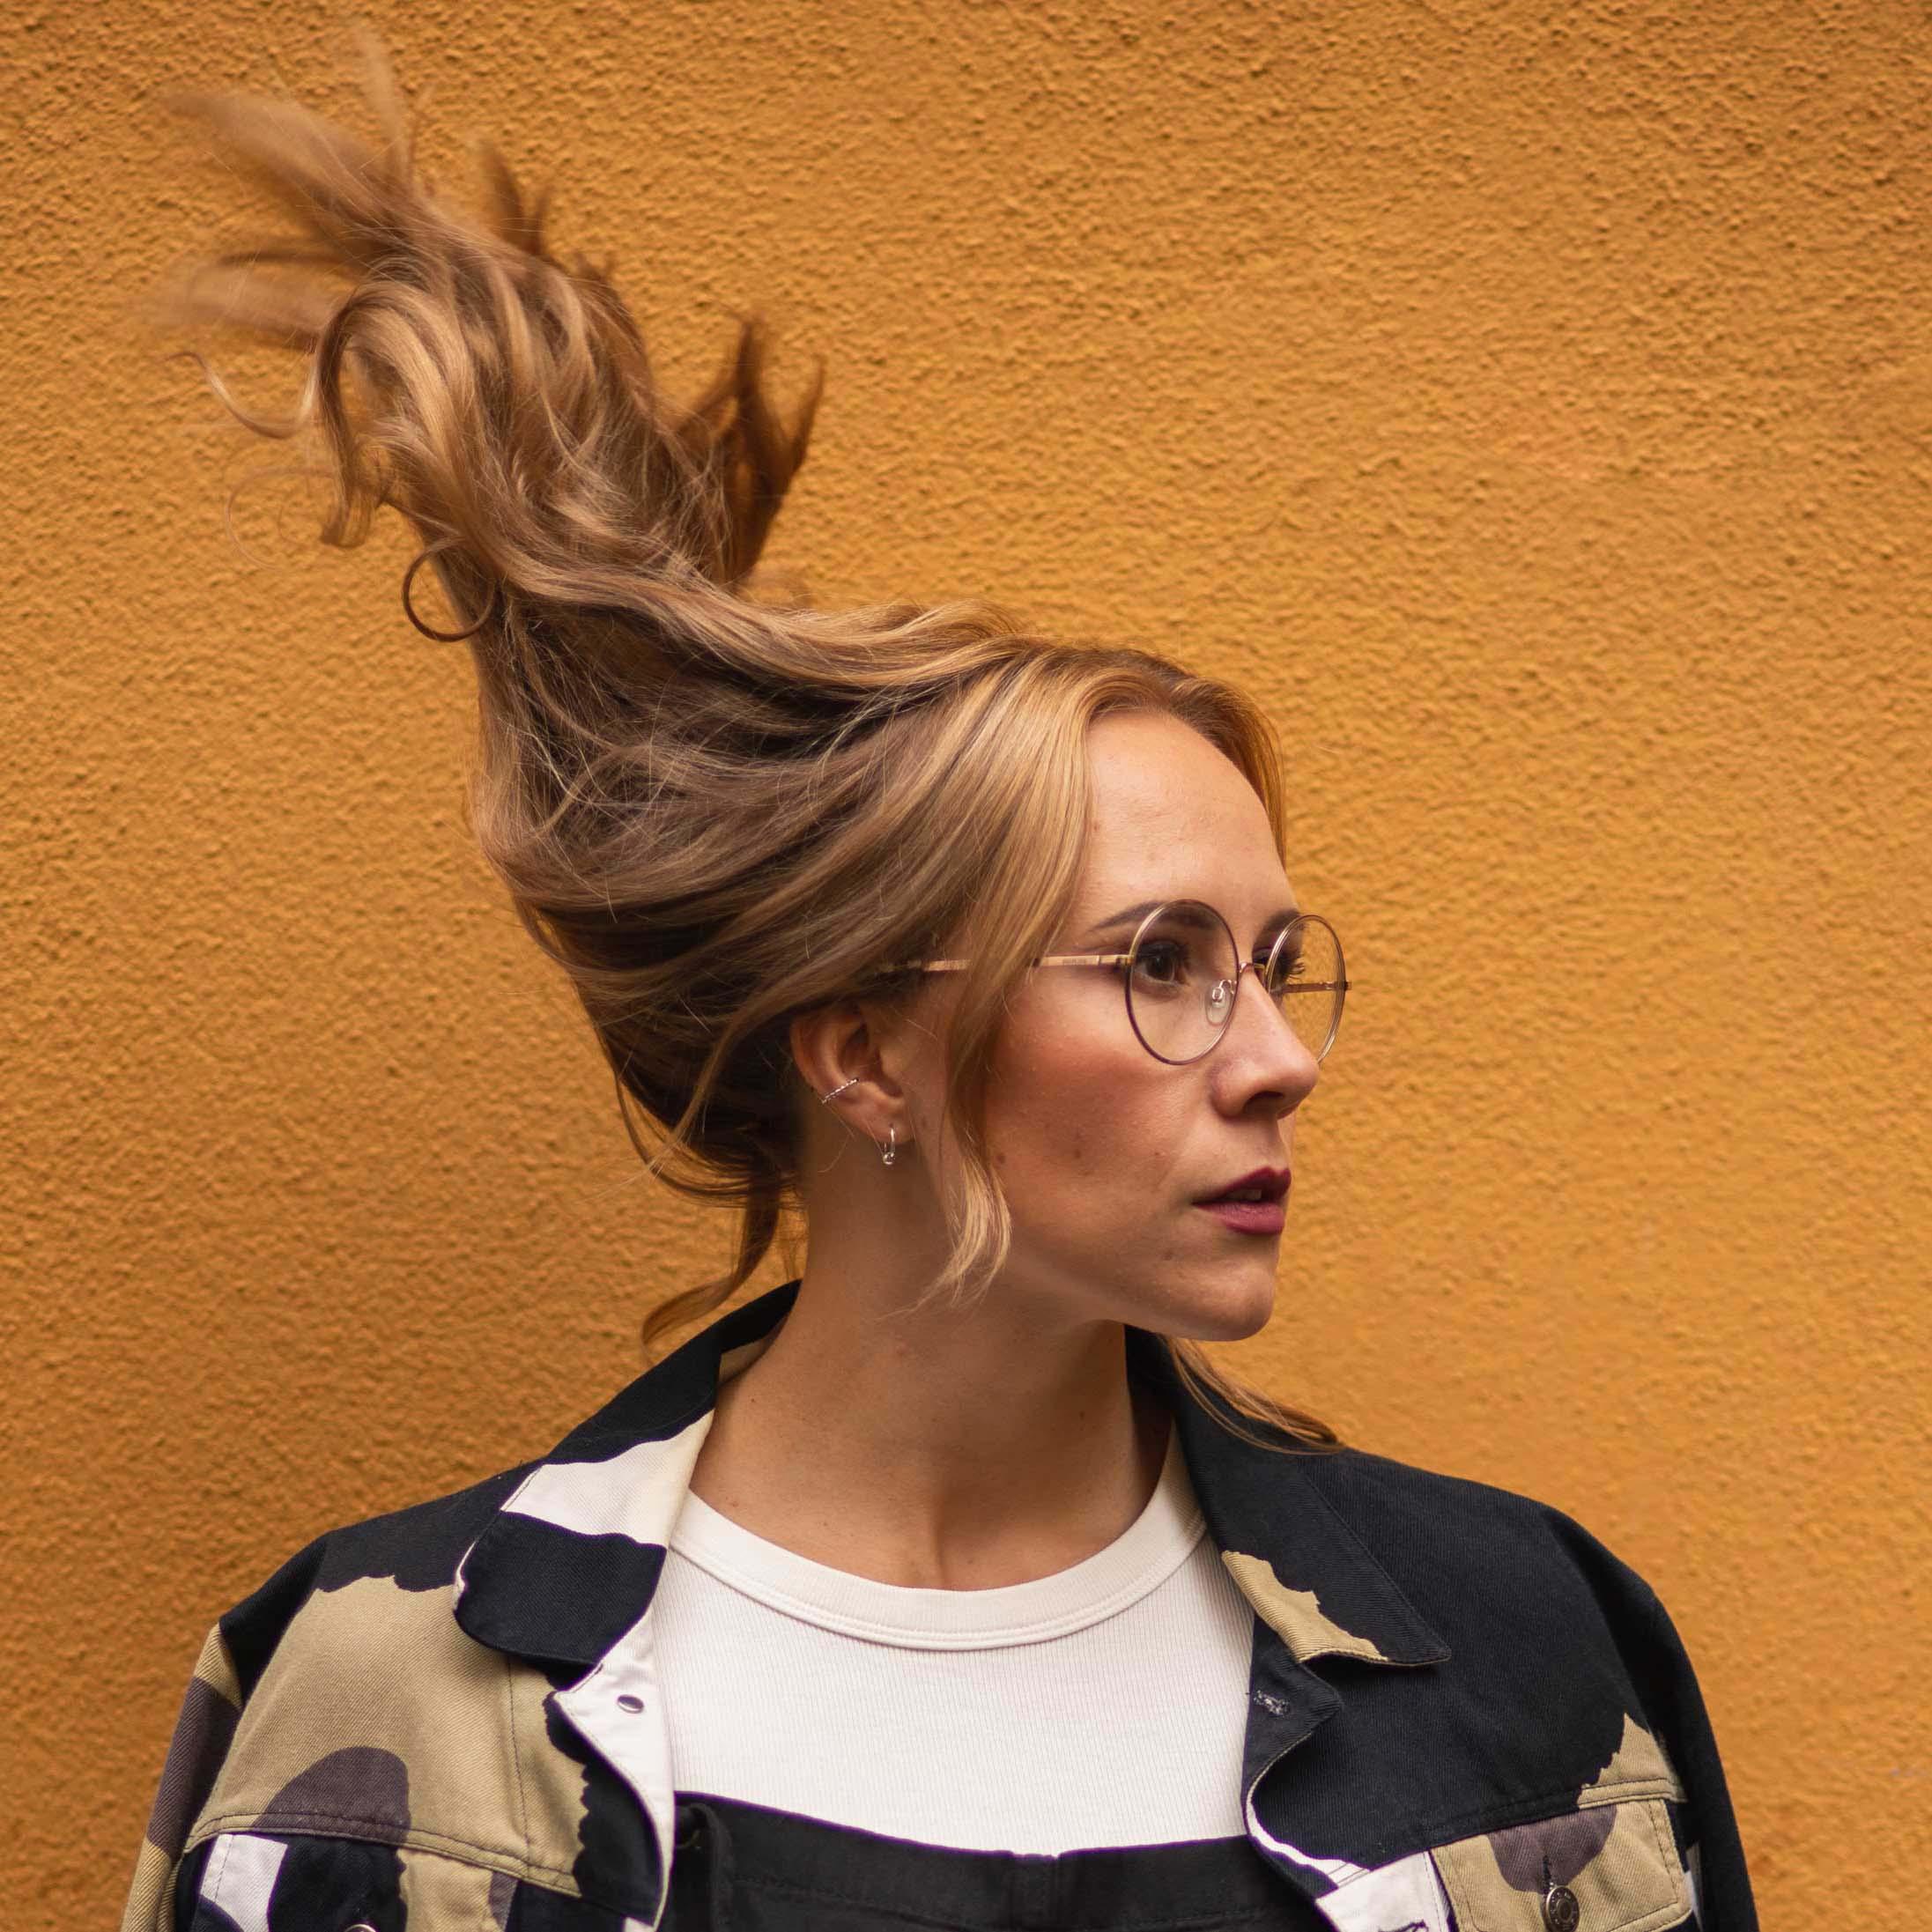 Nainen, jonka pitkät hiukset hulmuavat tuulessa.